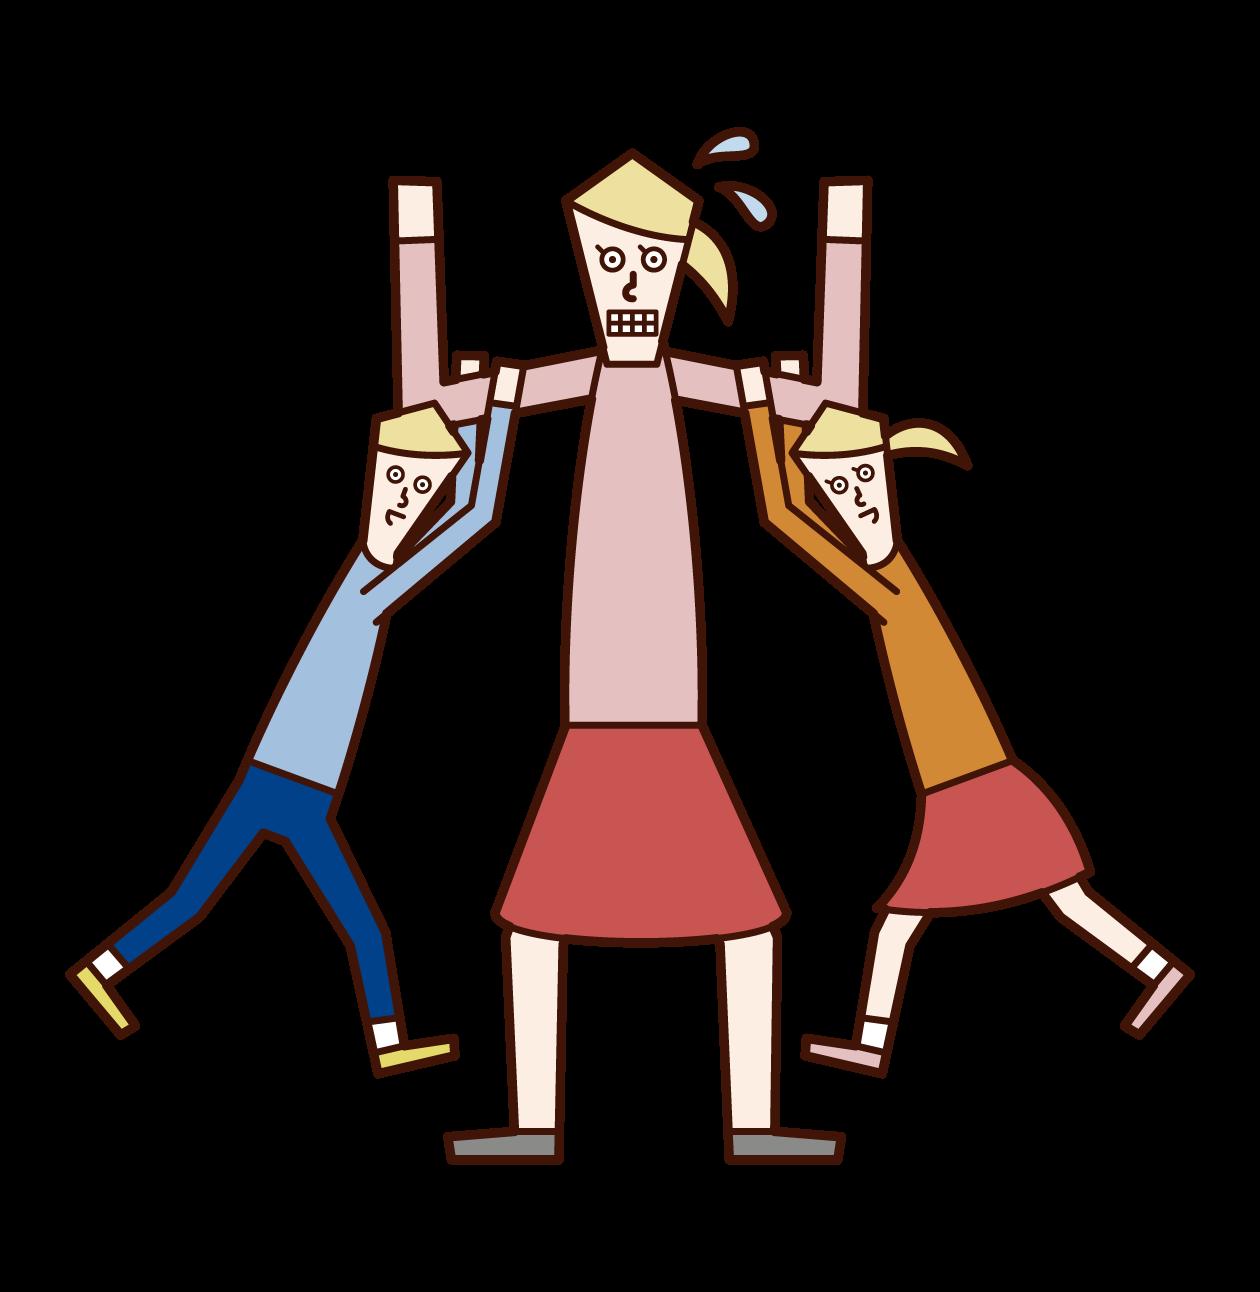 子供たちと遊ぶ人(女性)のイラスト